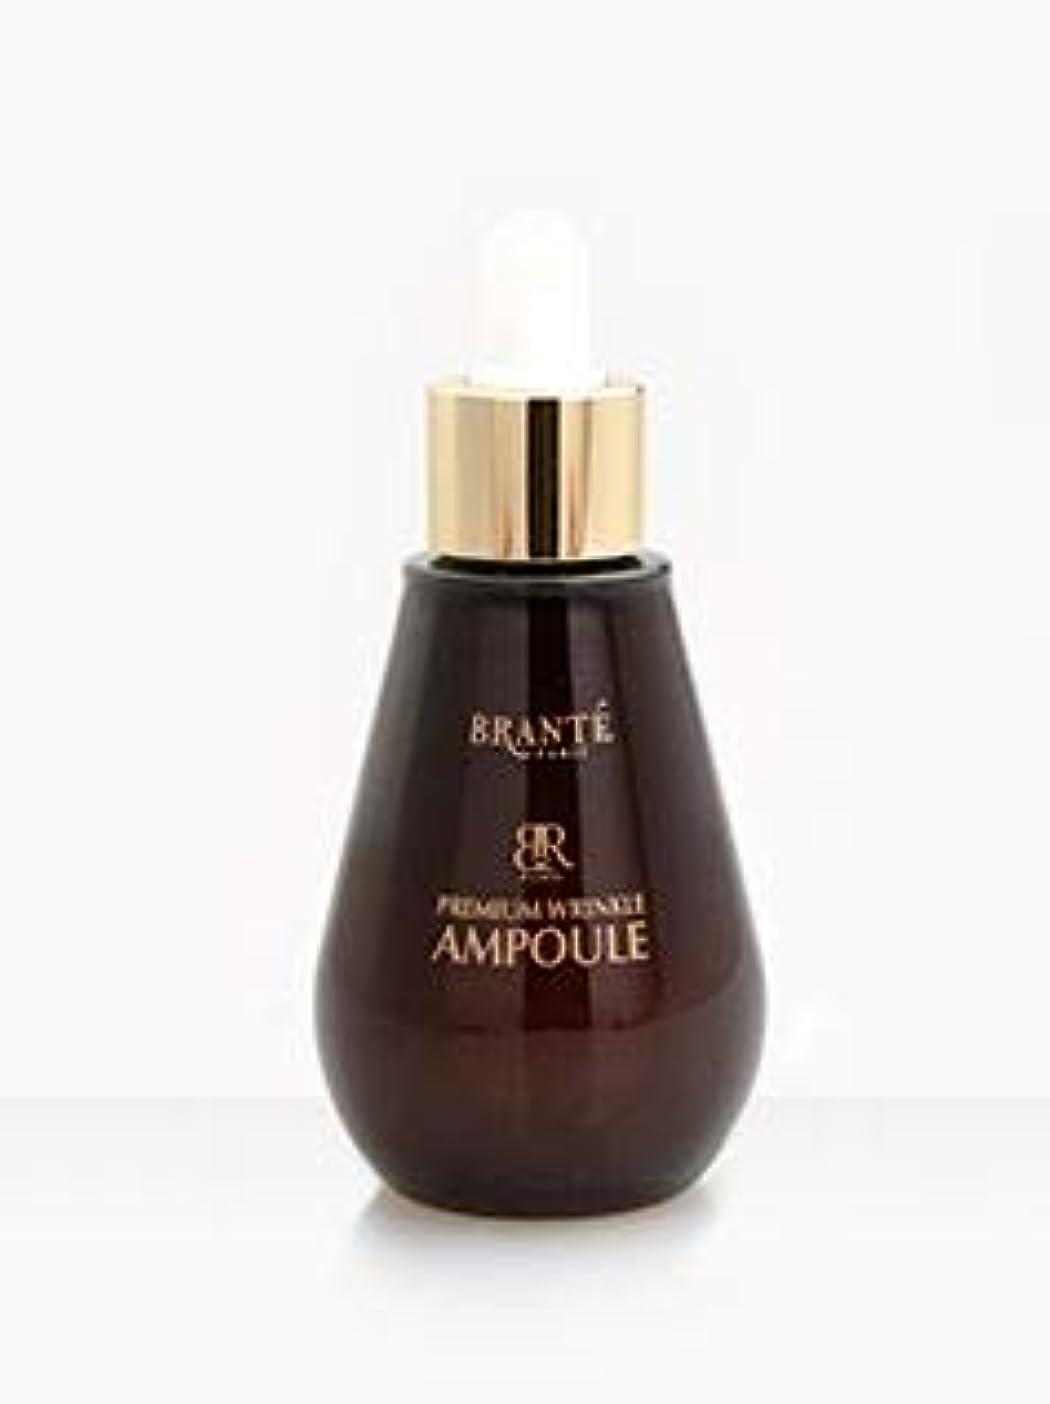 確率ペルセウス発火する[BRANTE] Premium Wrinkle Ampoule 50ml / [BRANTE]プレミアムリンクルアンプル50ml [並行輸入品]